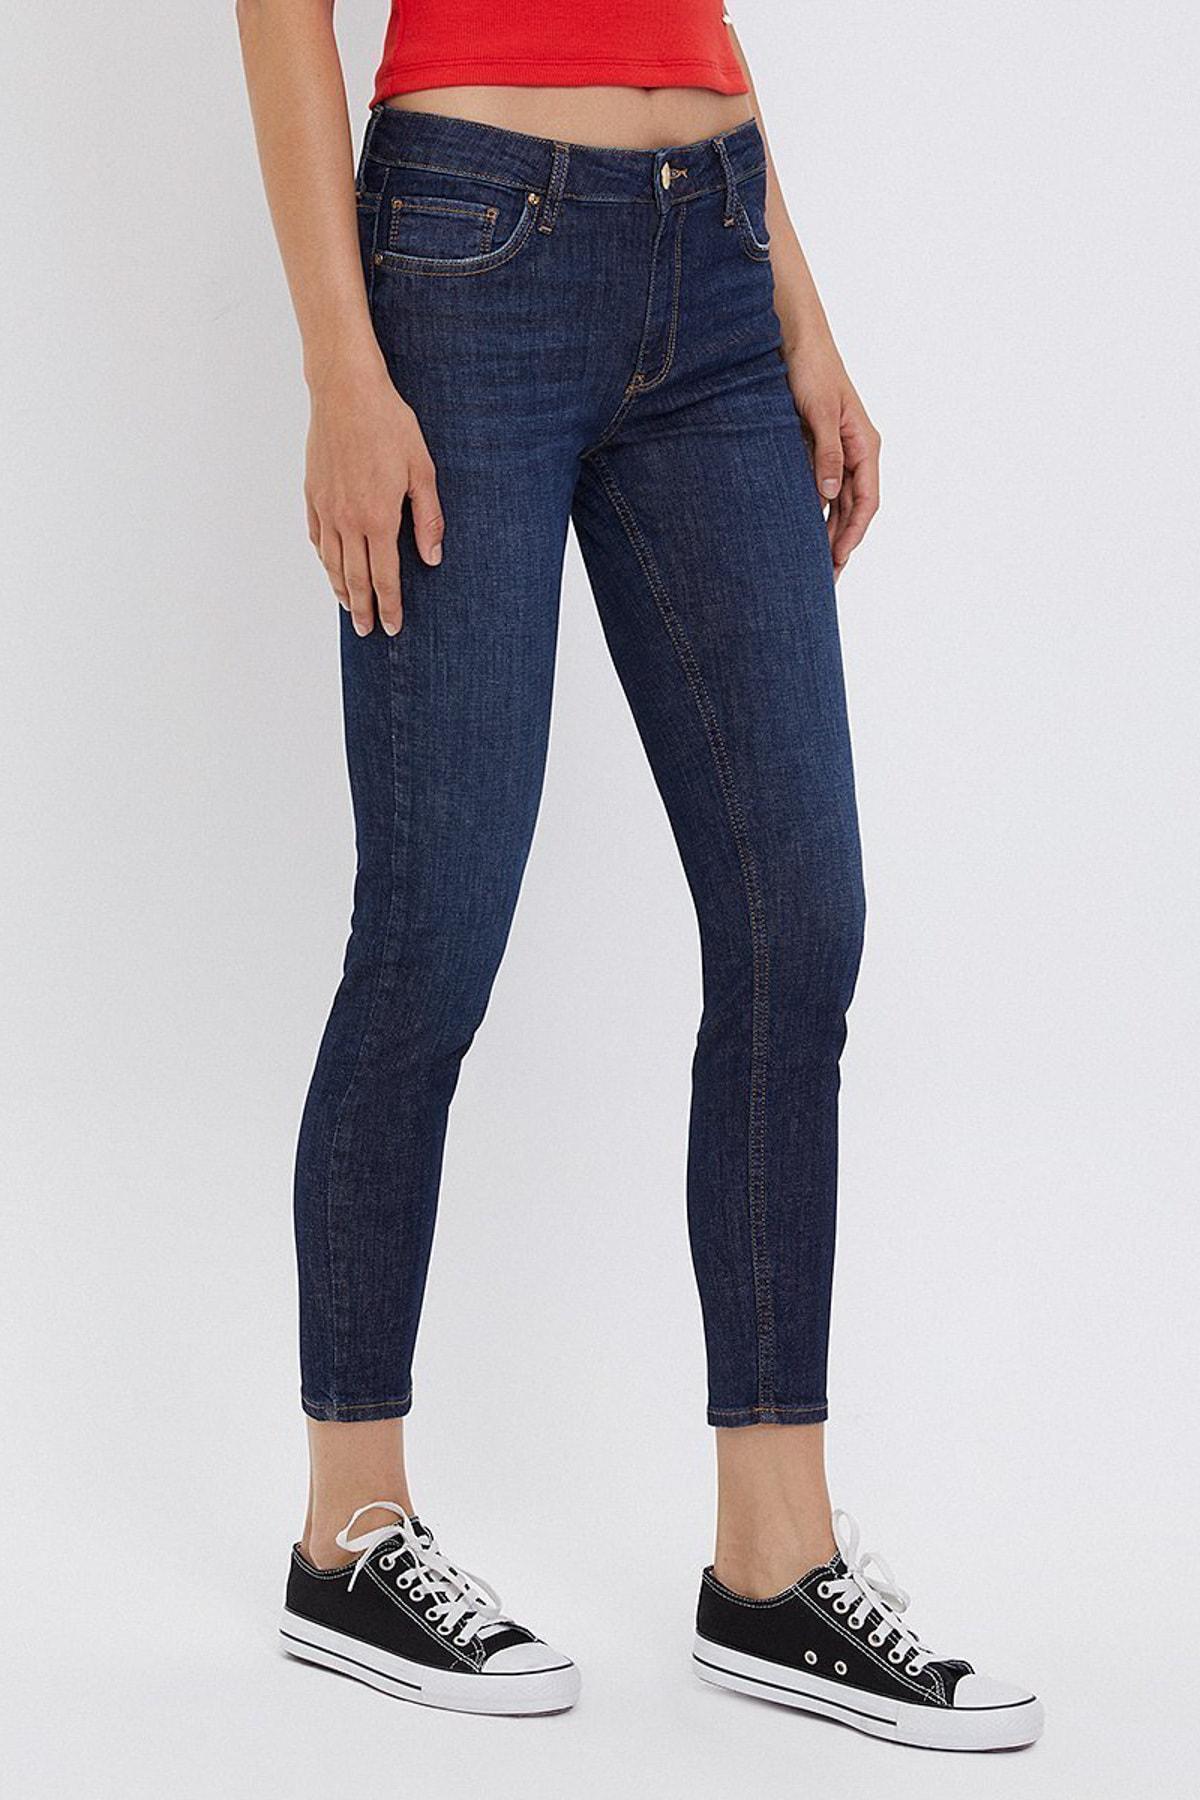 Loft Kadın Jeans LF2024051 2